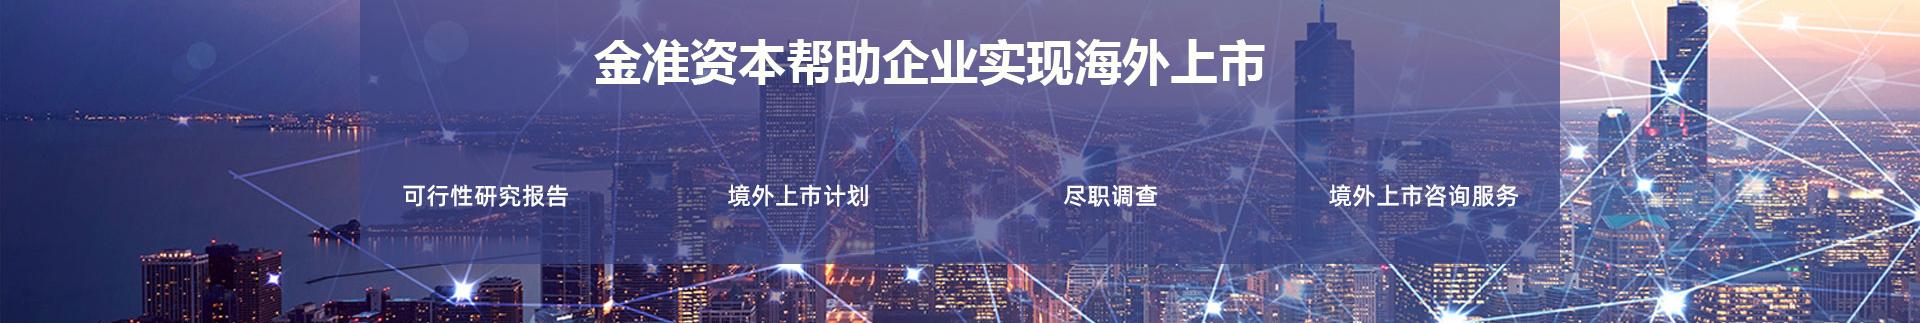 2020年11月26日 - 海外上市|金准资本